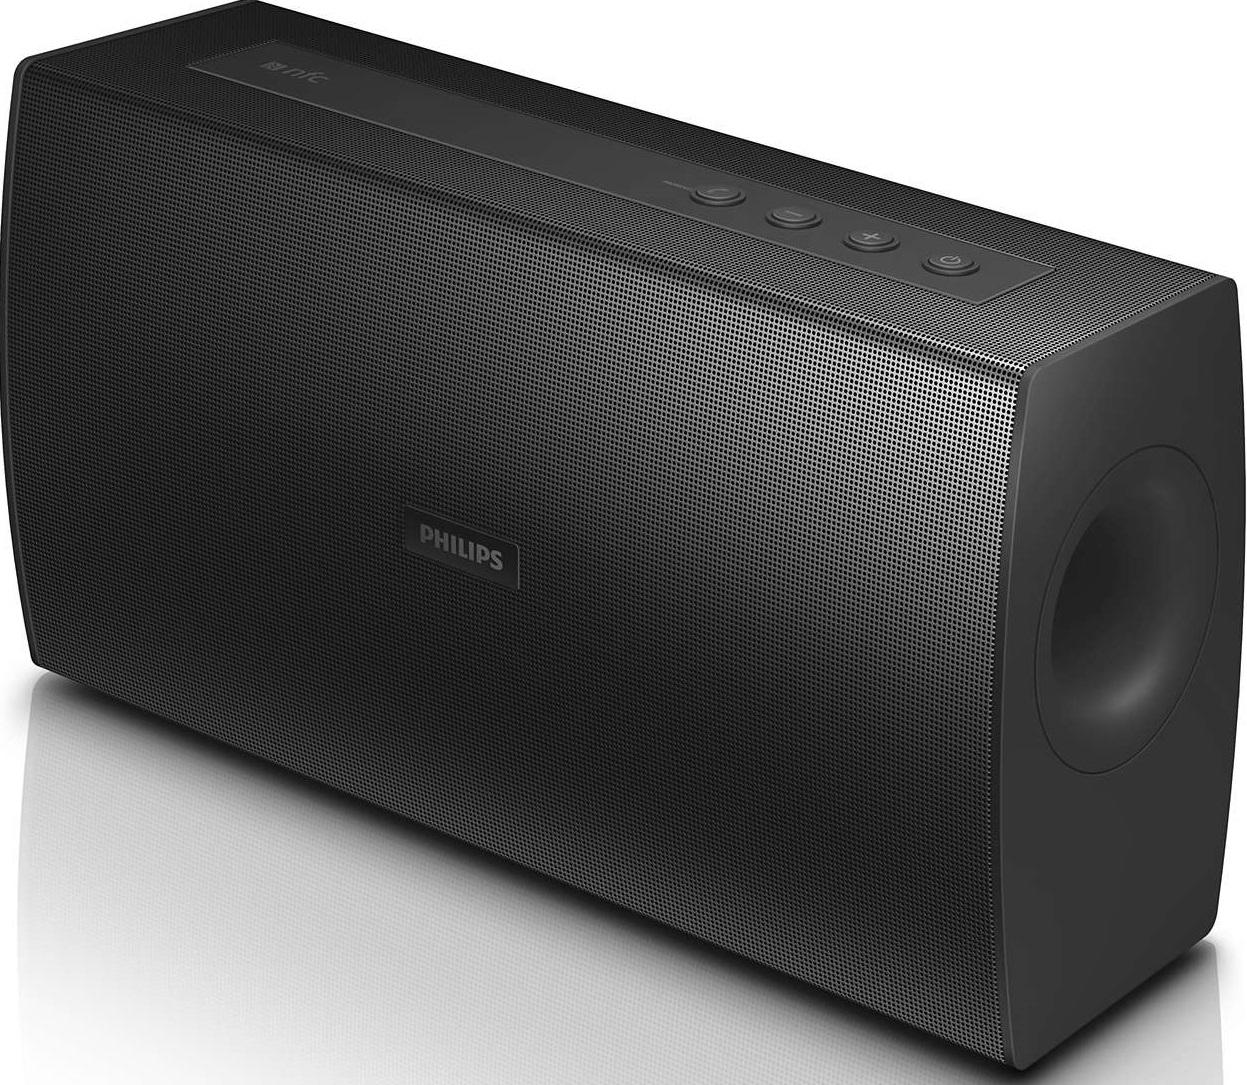 neu philips bt4000 bluetooth drahtlos netzbetrieben lautsprecher schwarz ebay. Black Bedroom Furniture Sets. Home Design Ideas